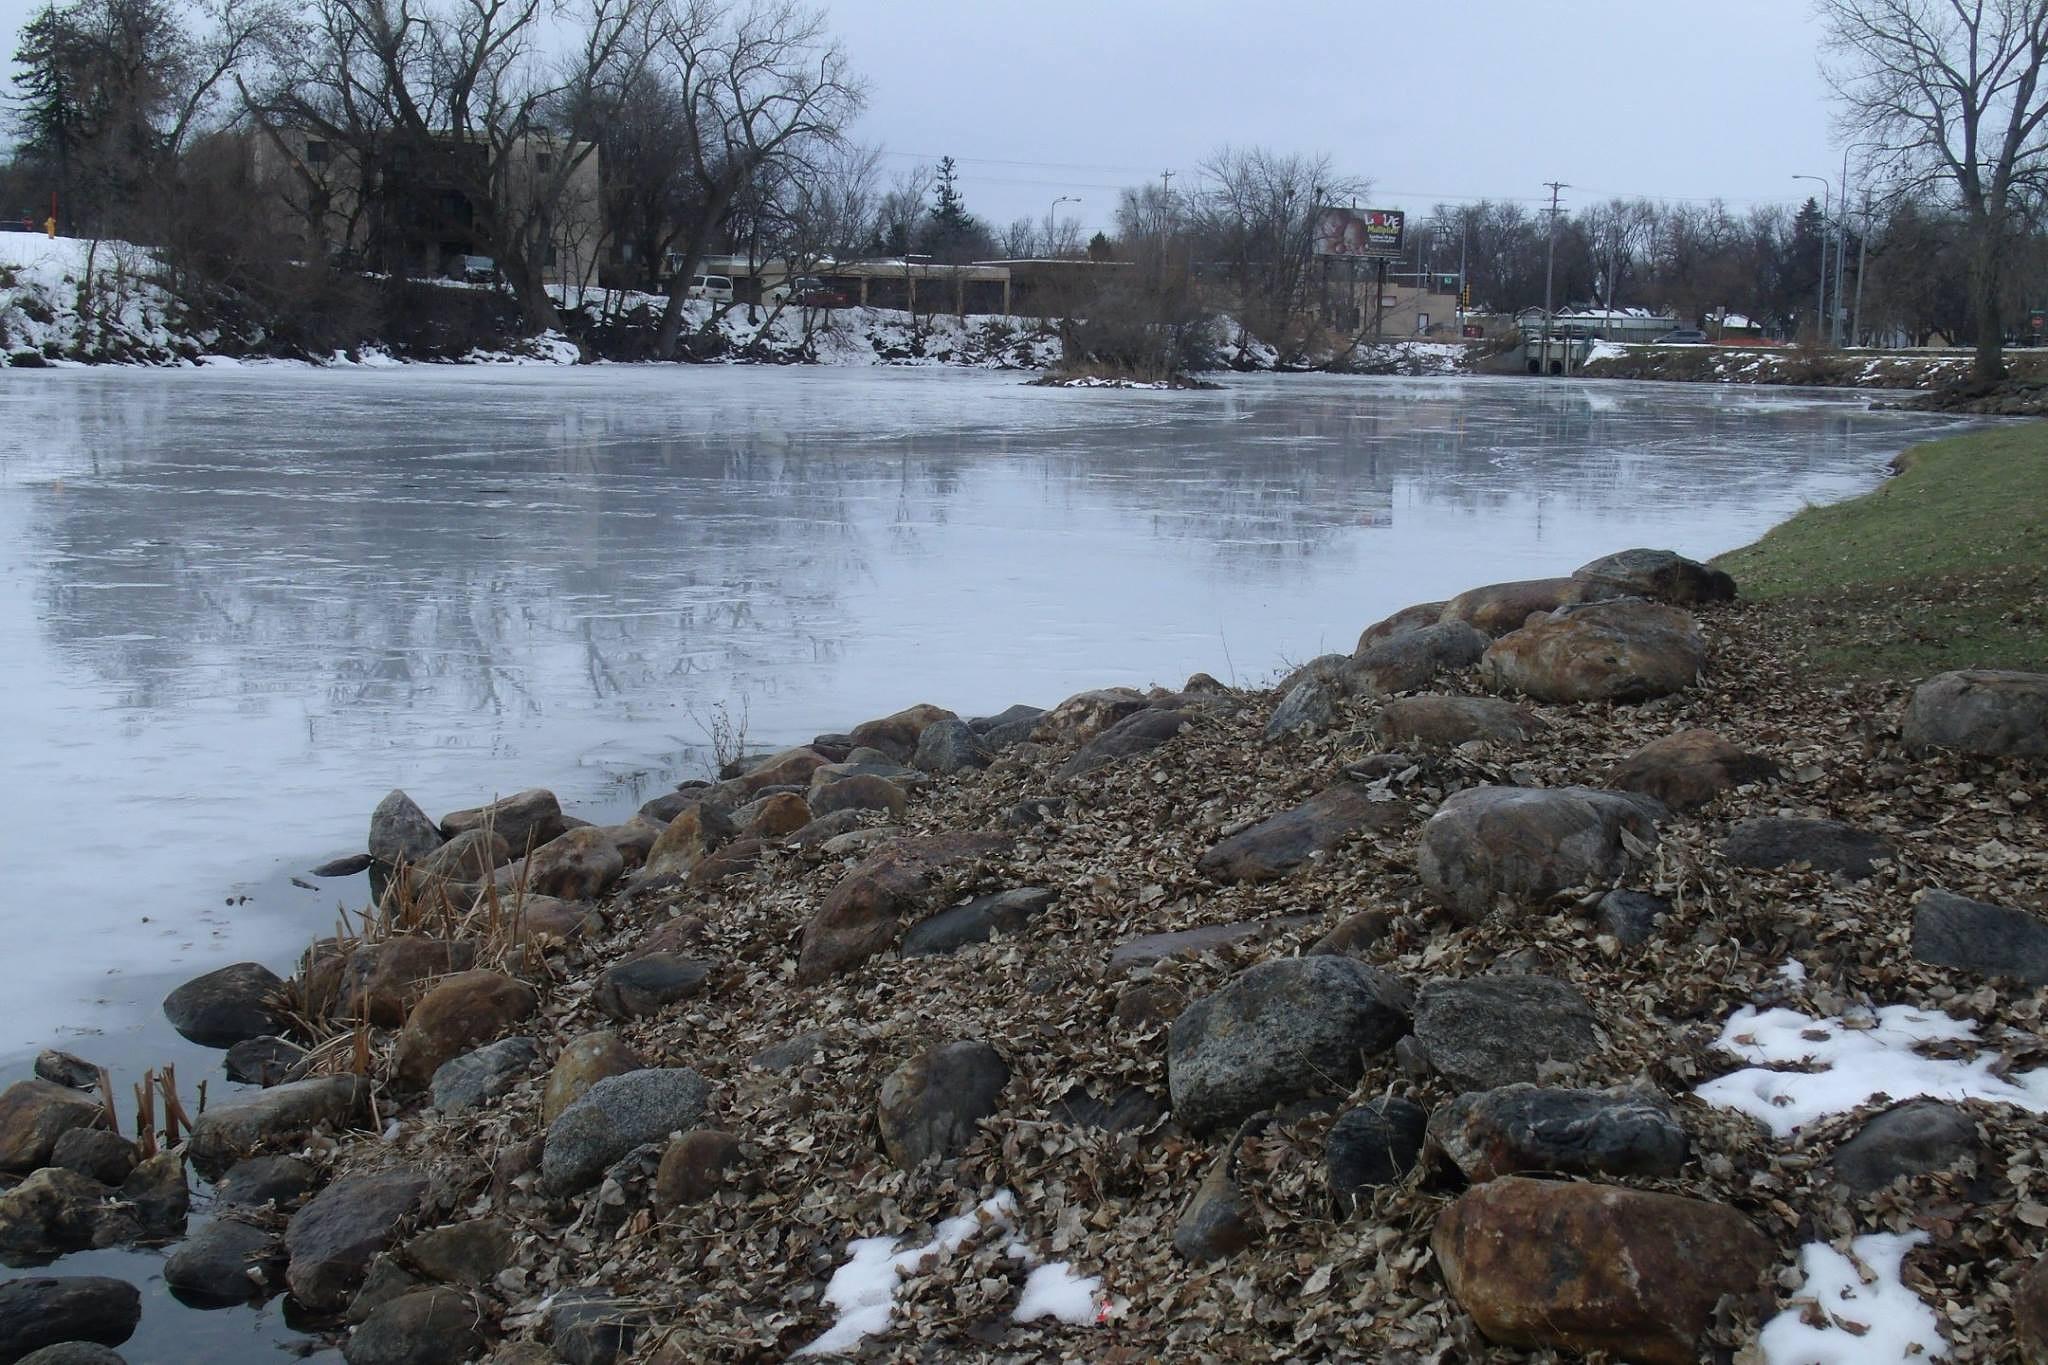 Frozen lake run by Carla Hepp